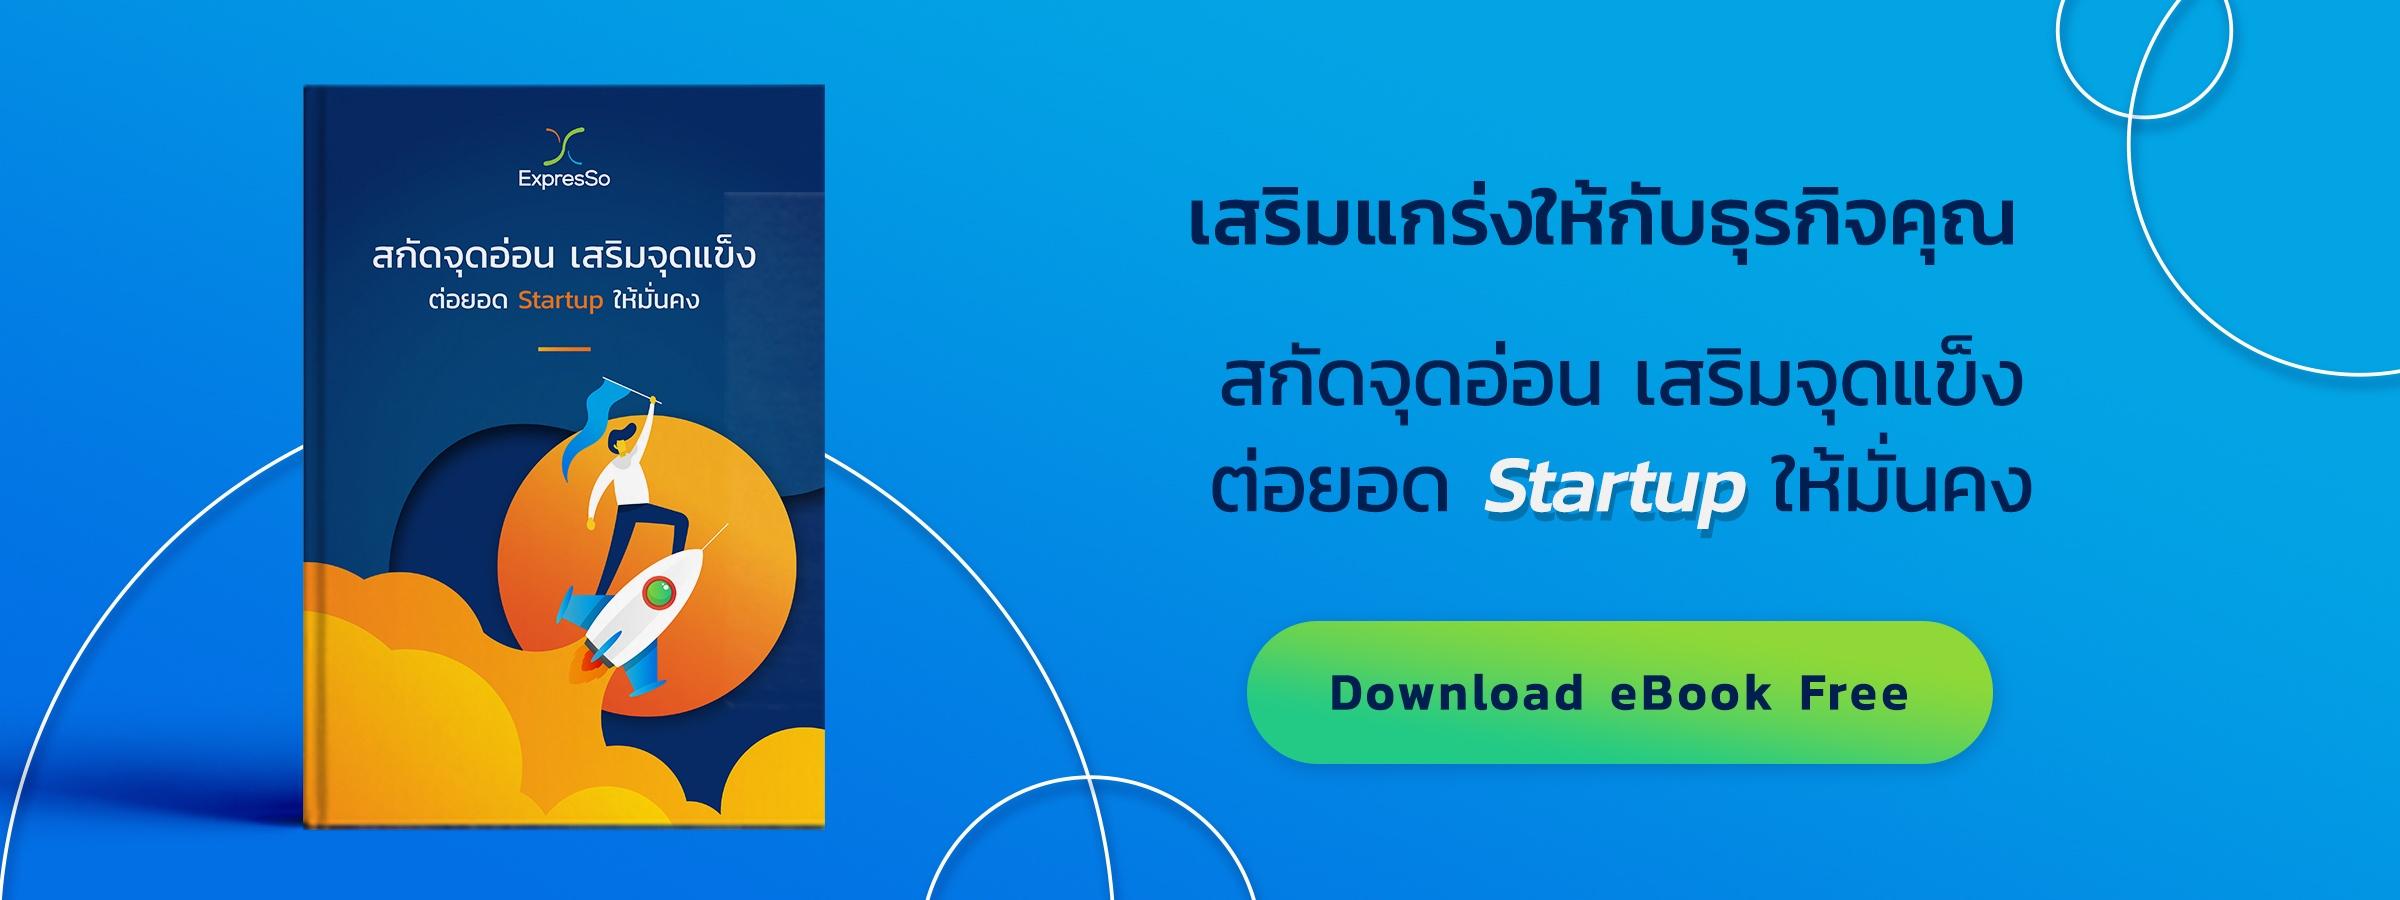 PTT-ebook-2-startup